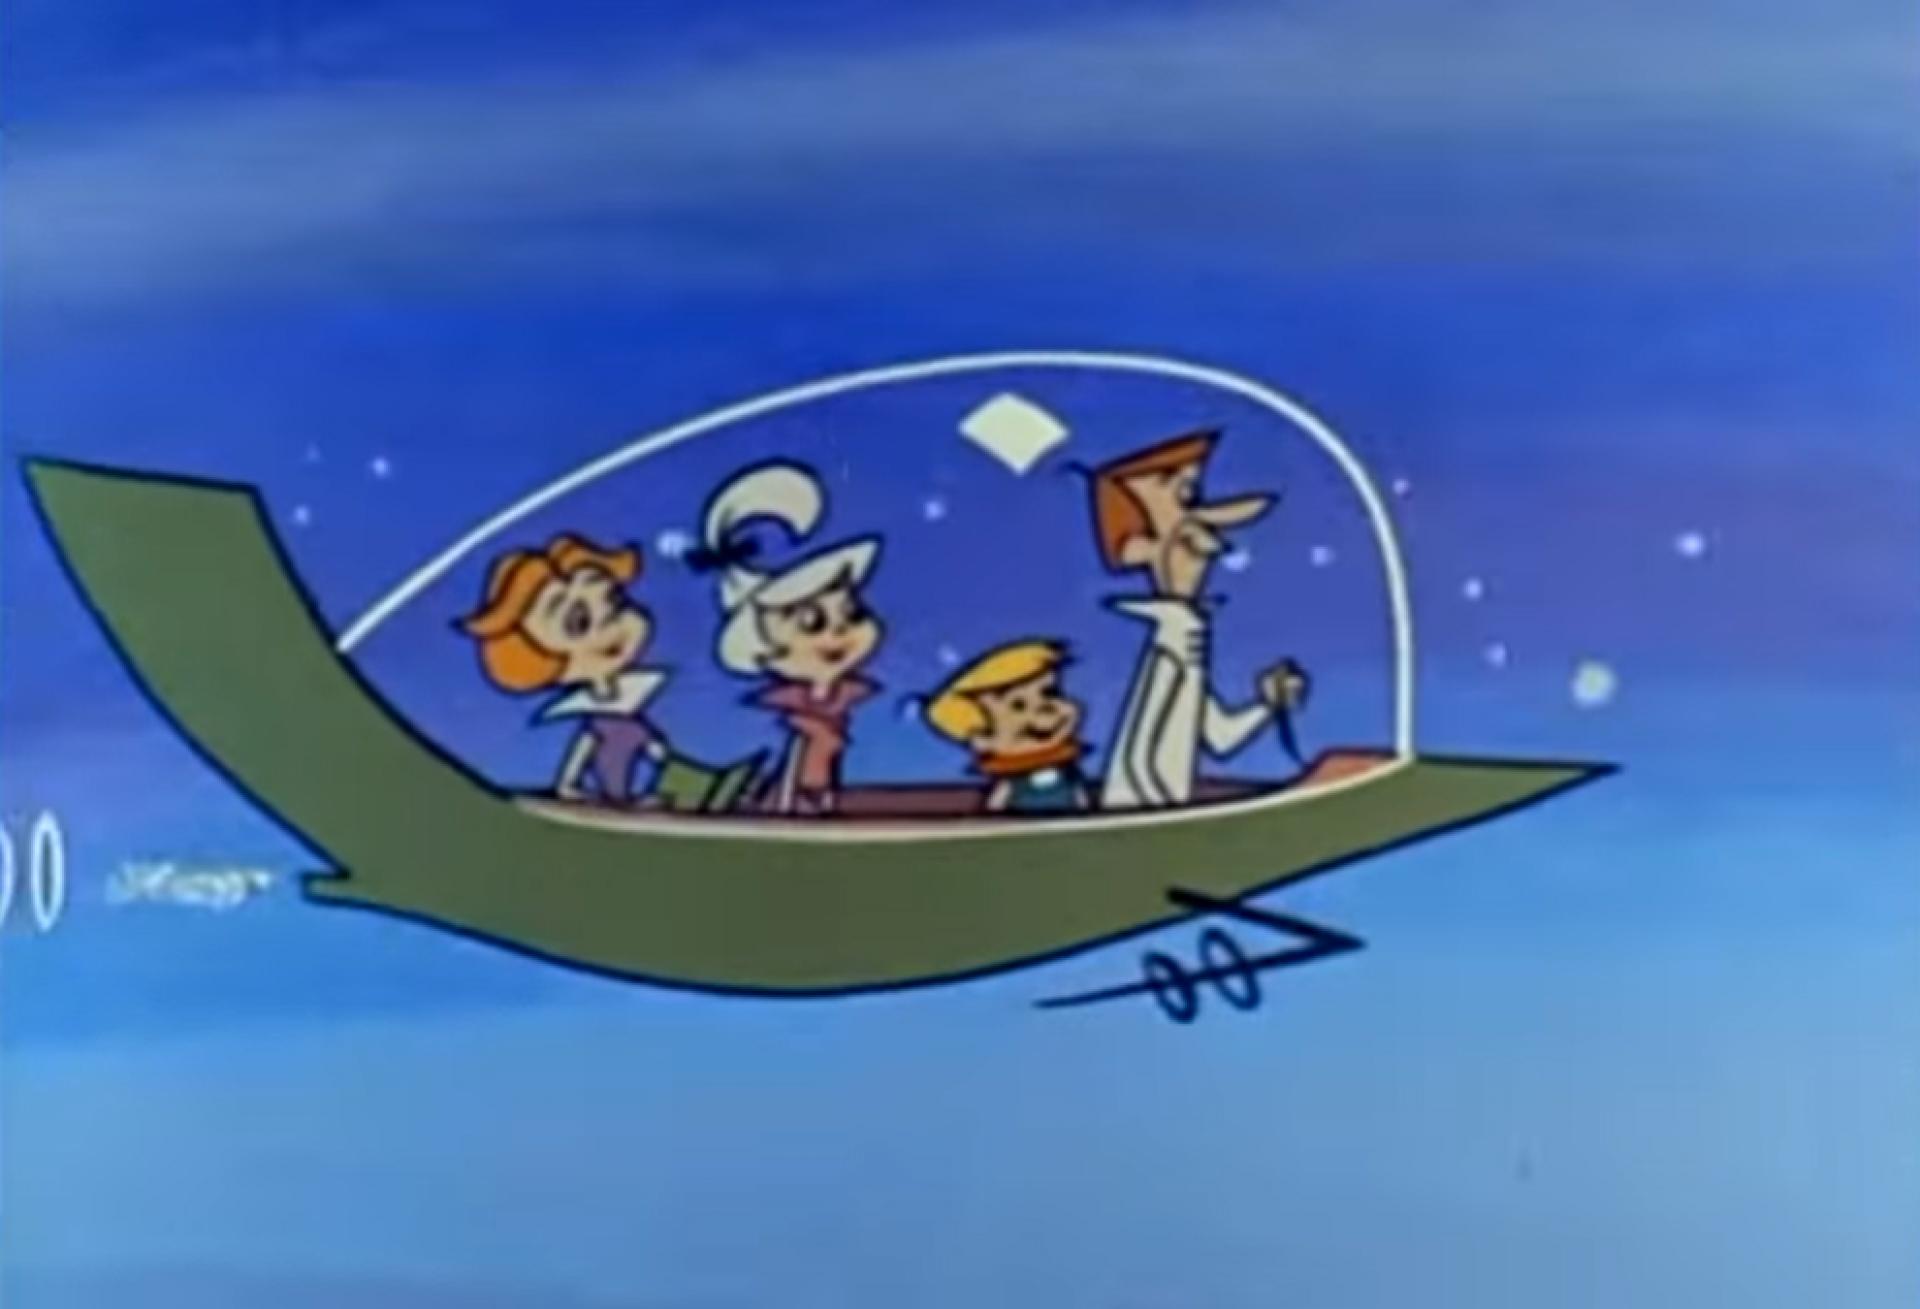 Jetsons: veículo da família futurista de Hanna-Barbera é paradigma da ideia de carro voador. Mas, a realidade deverá ser diferente(Foto: HANNA-BARBERA/REPRODUÇÃO/VÍDEO)